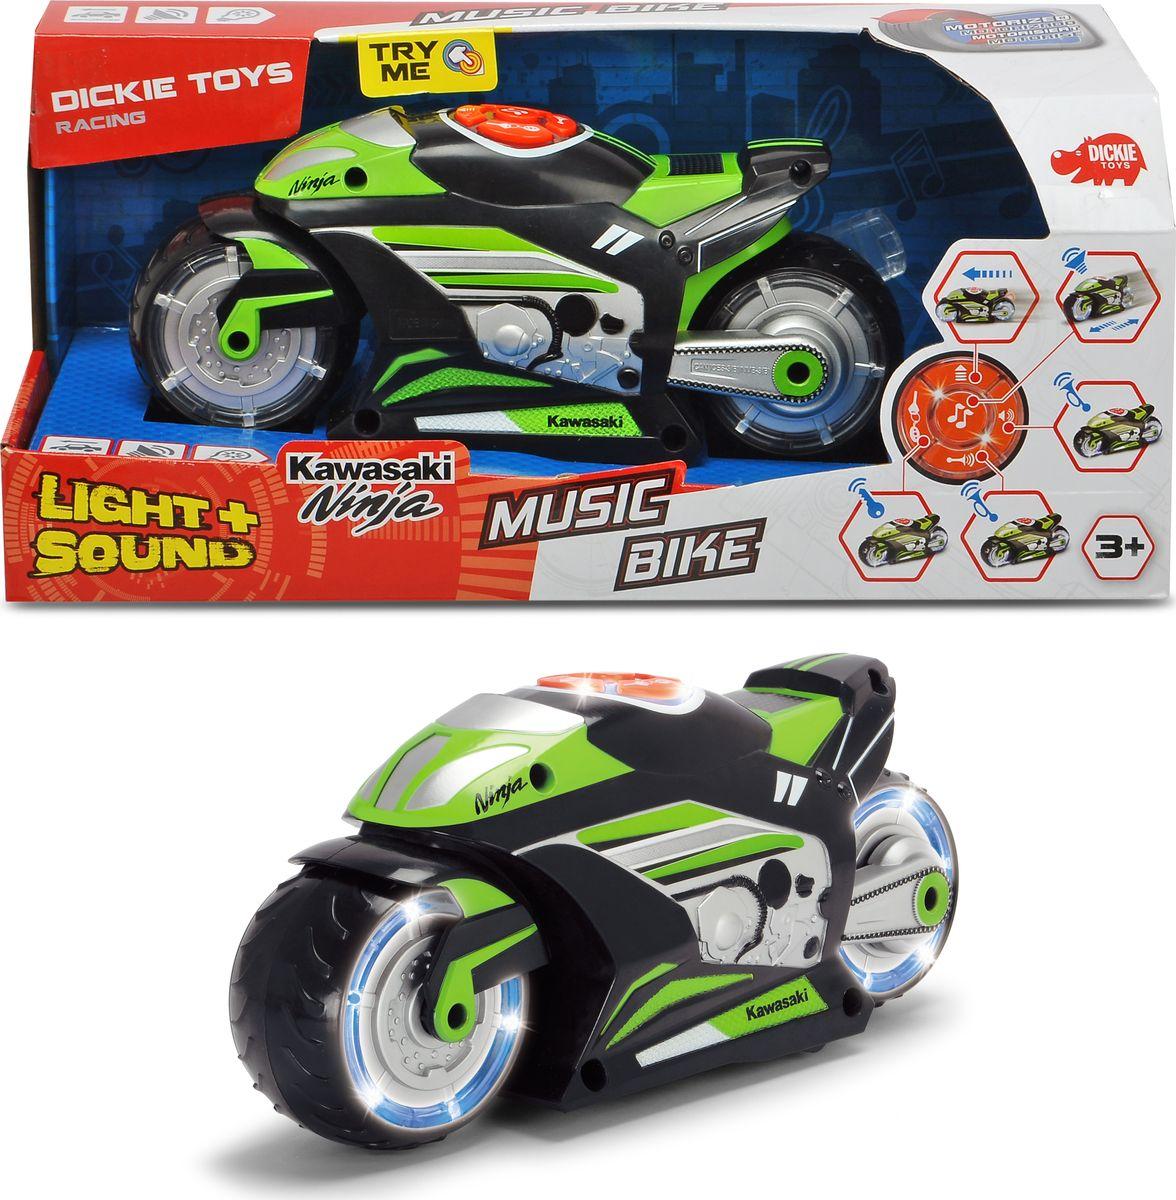 Мотоцикл Dickie Toys Racing, музыкальный, 23 см